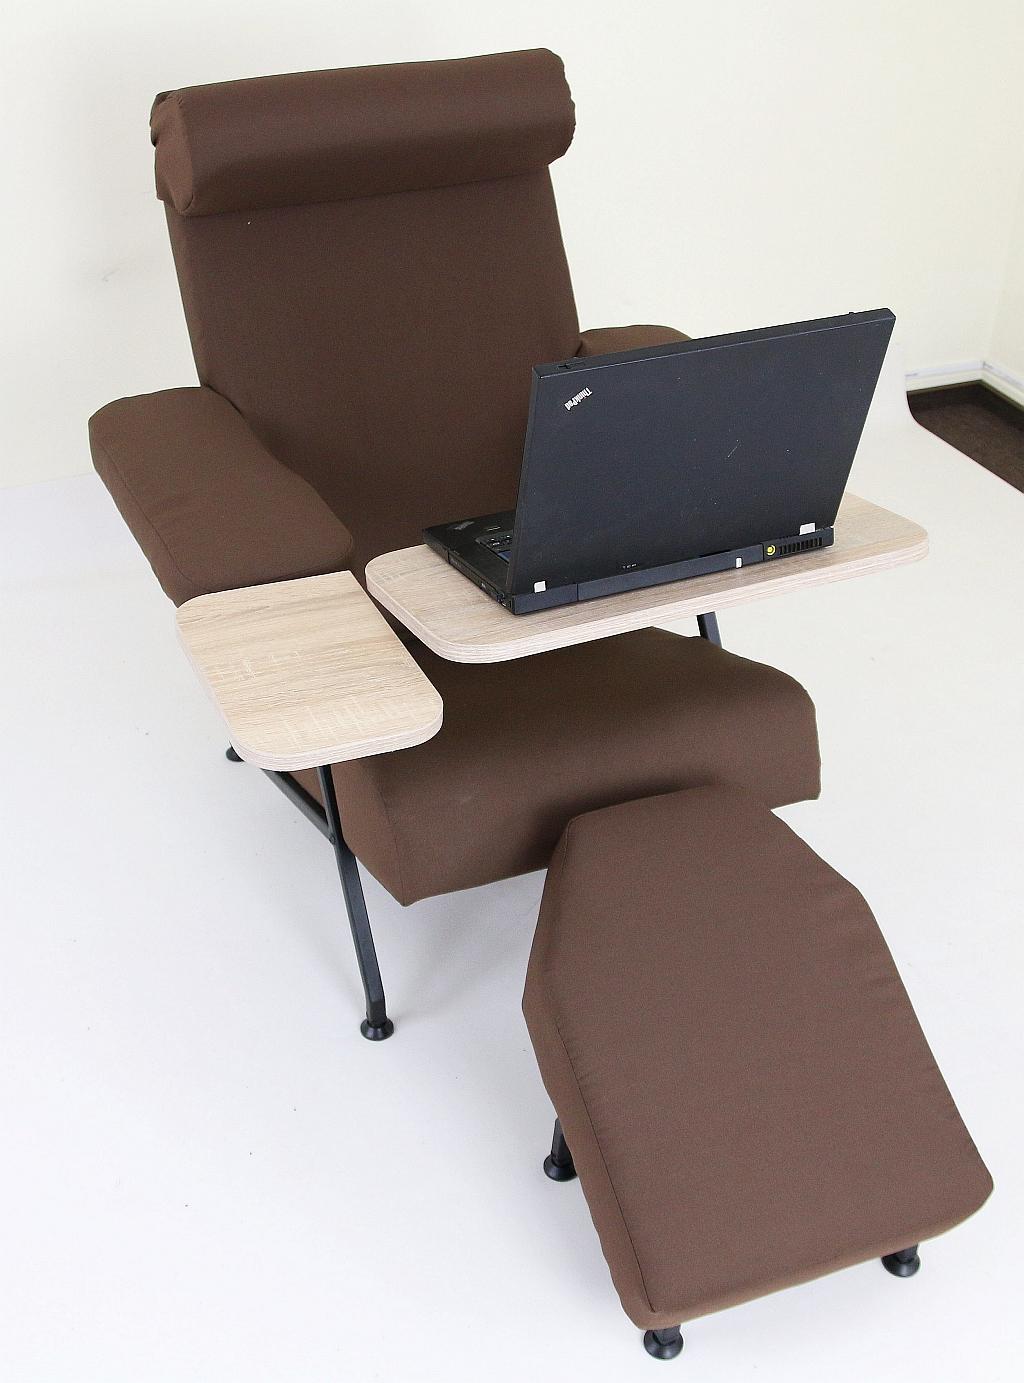 столик для ноутбука с креслом